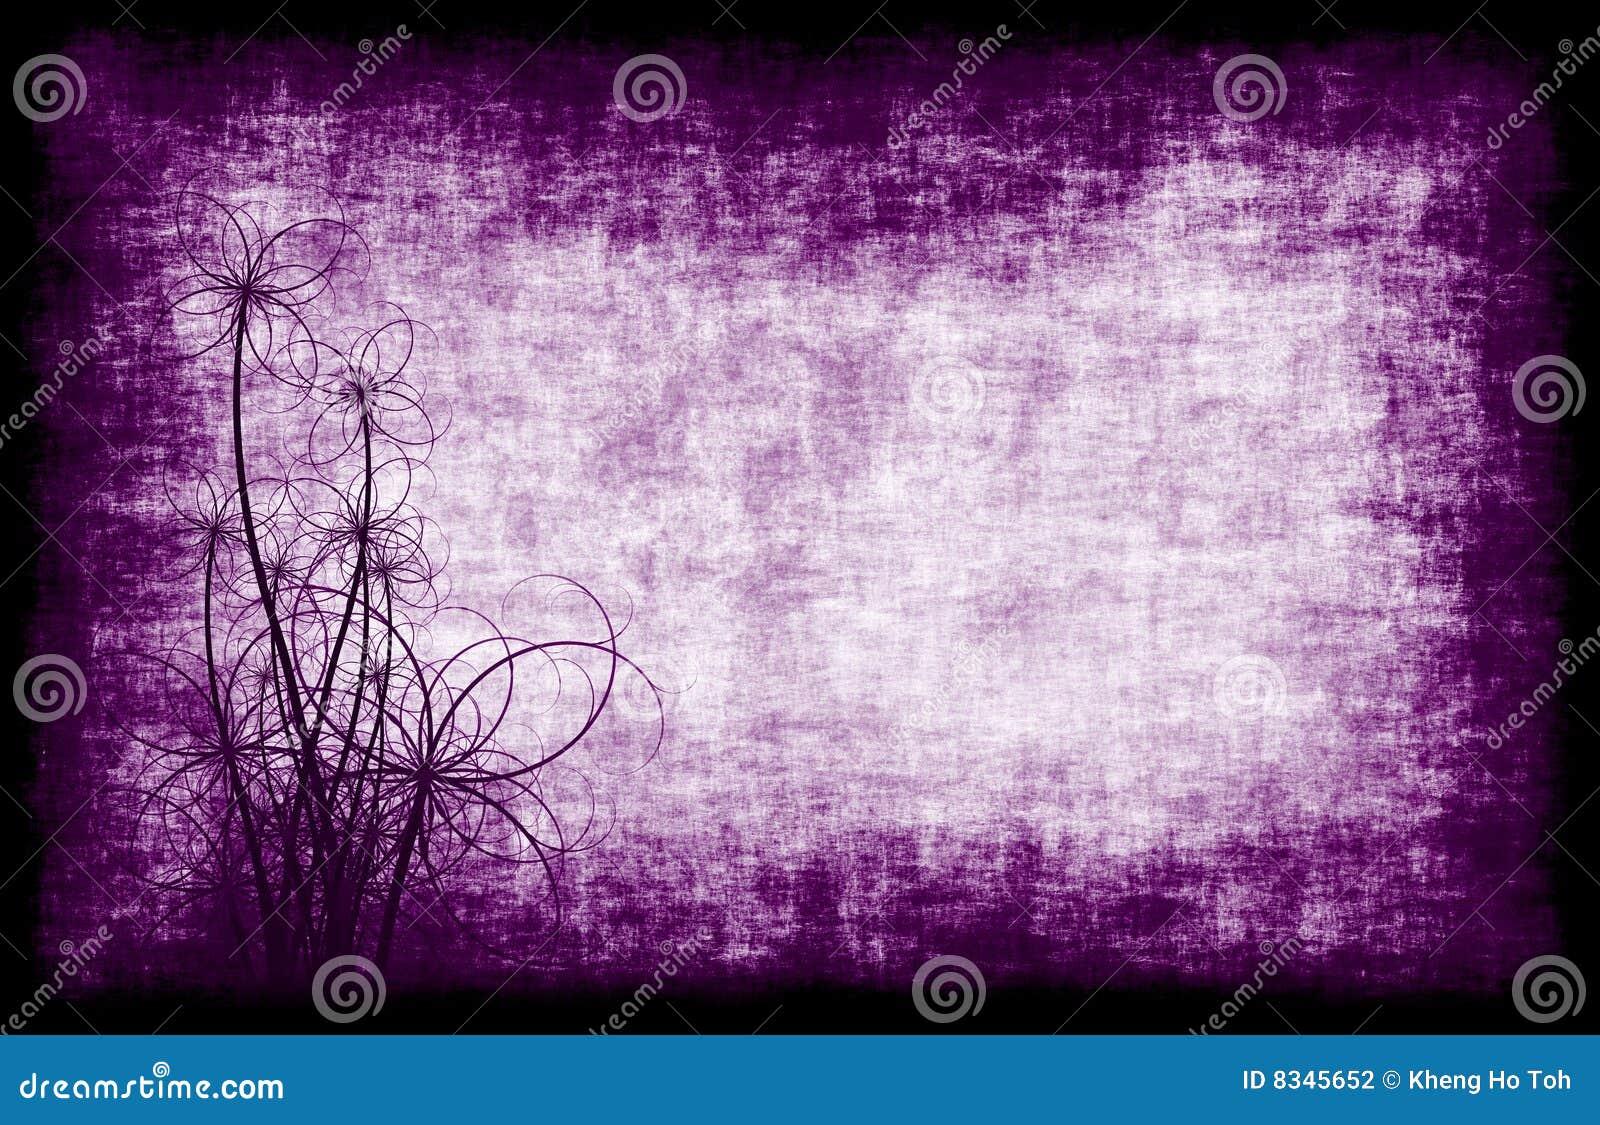 purple grunge background floral stock illustration